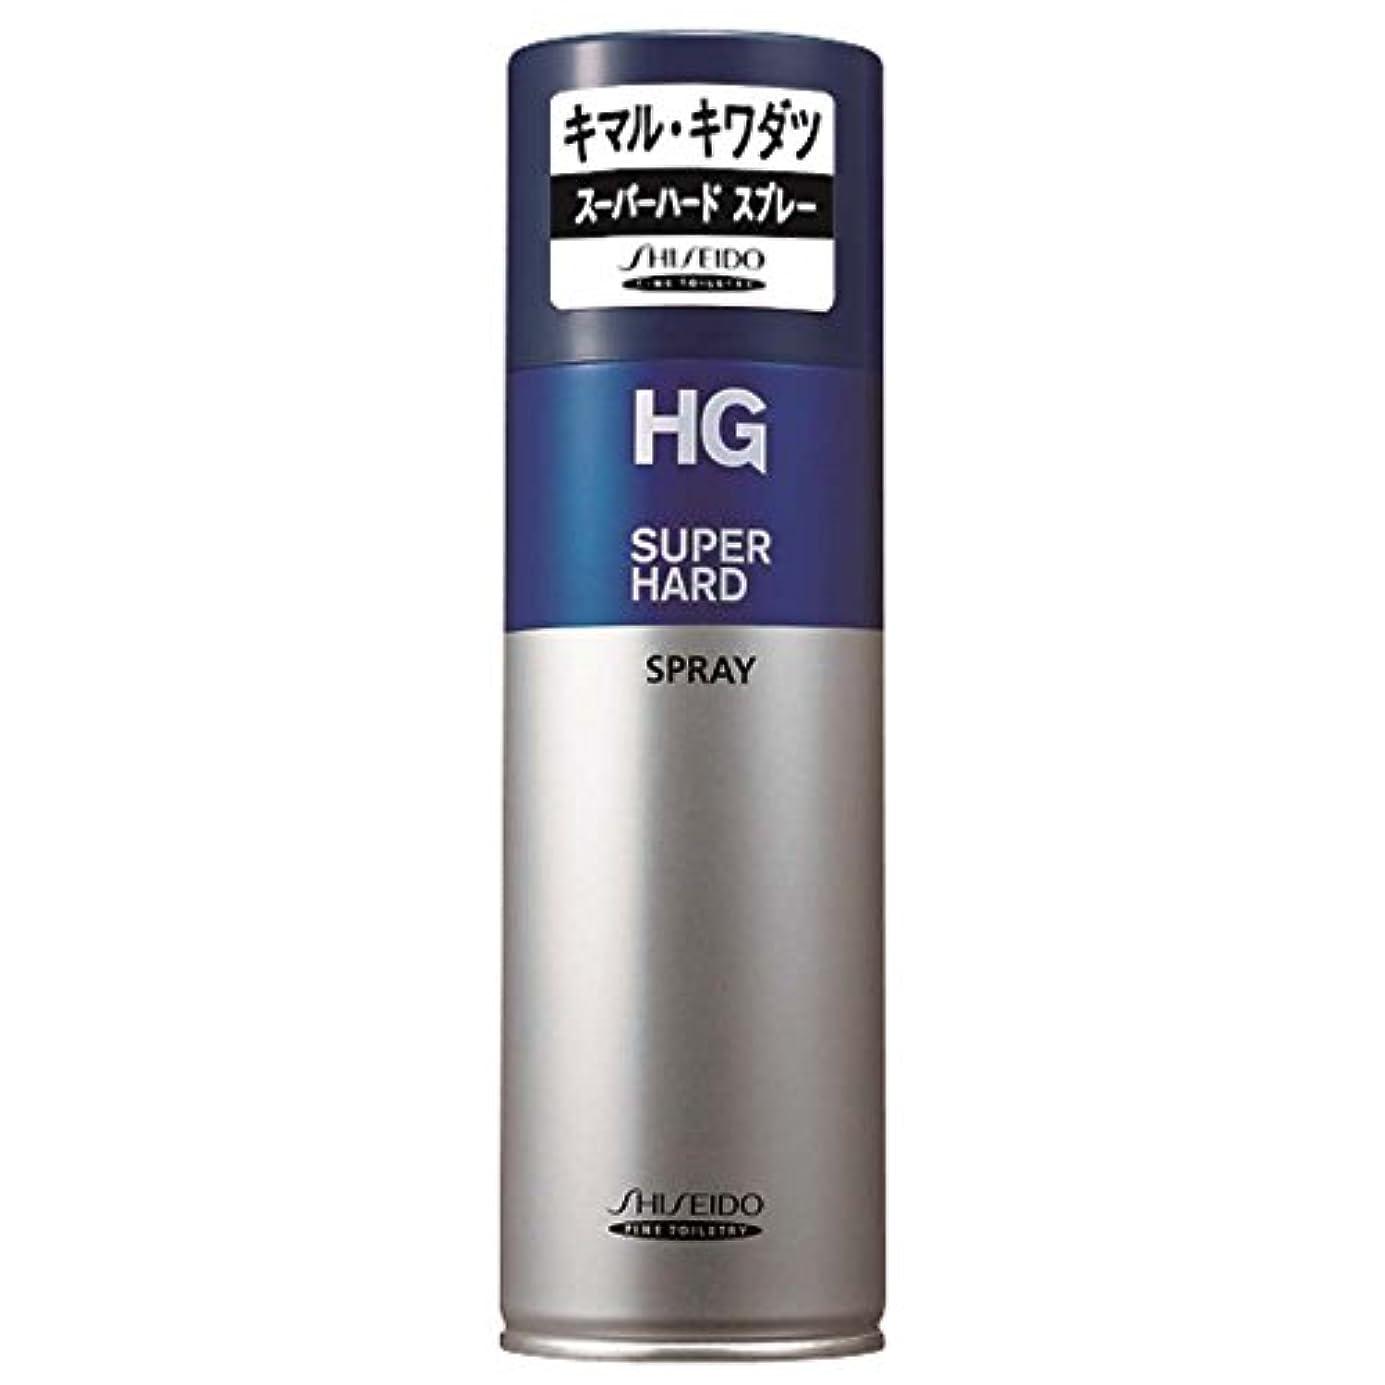 臭い十分に紫のHG スーパーハード スプレー 230g